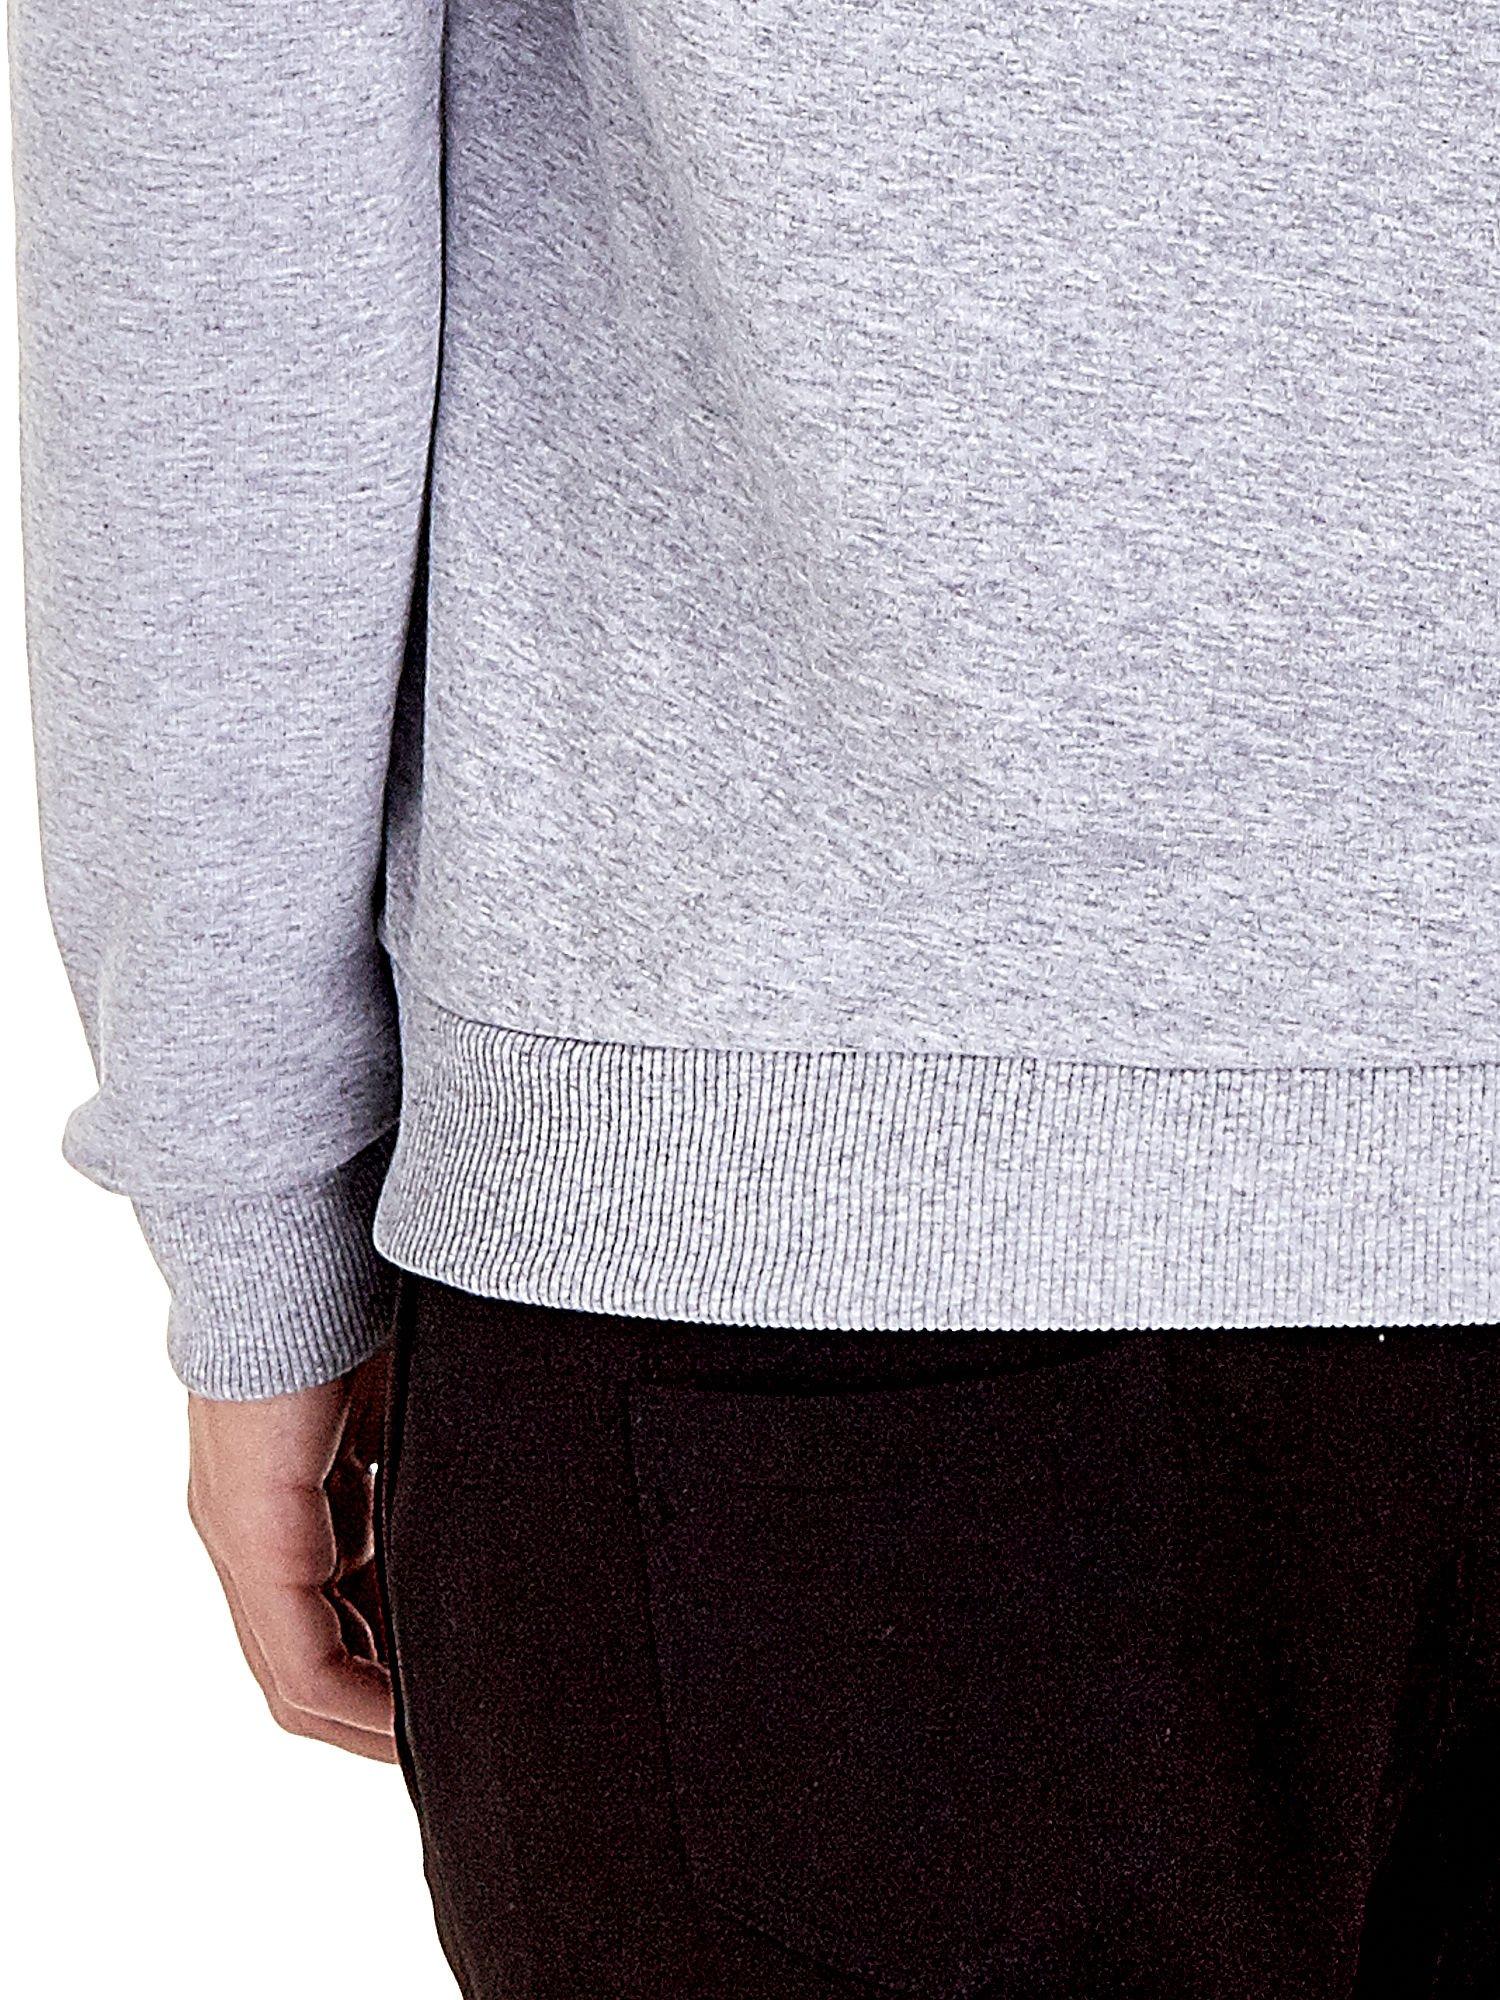 Szara zasuwana bluza z kapturem z nadrukiem numerycznym                                  zdj.                                  6